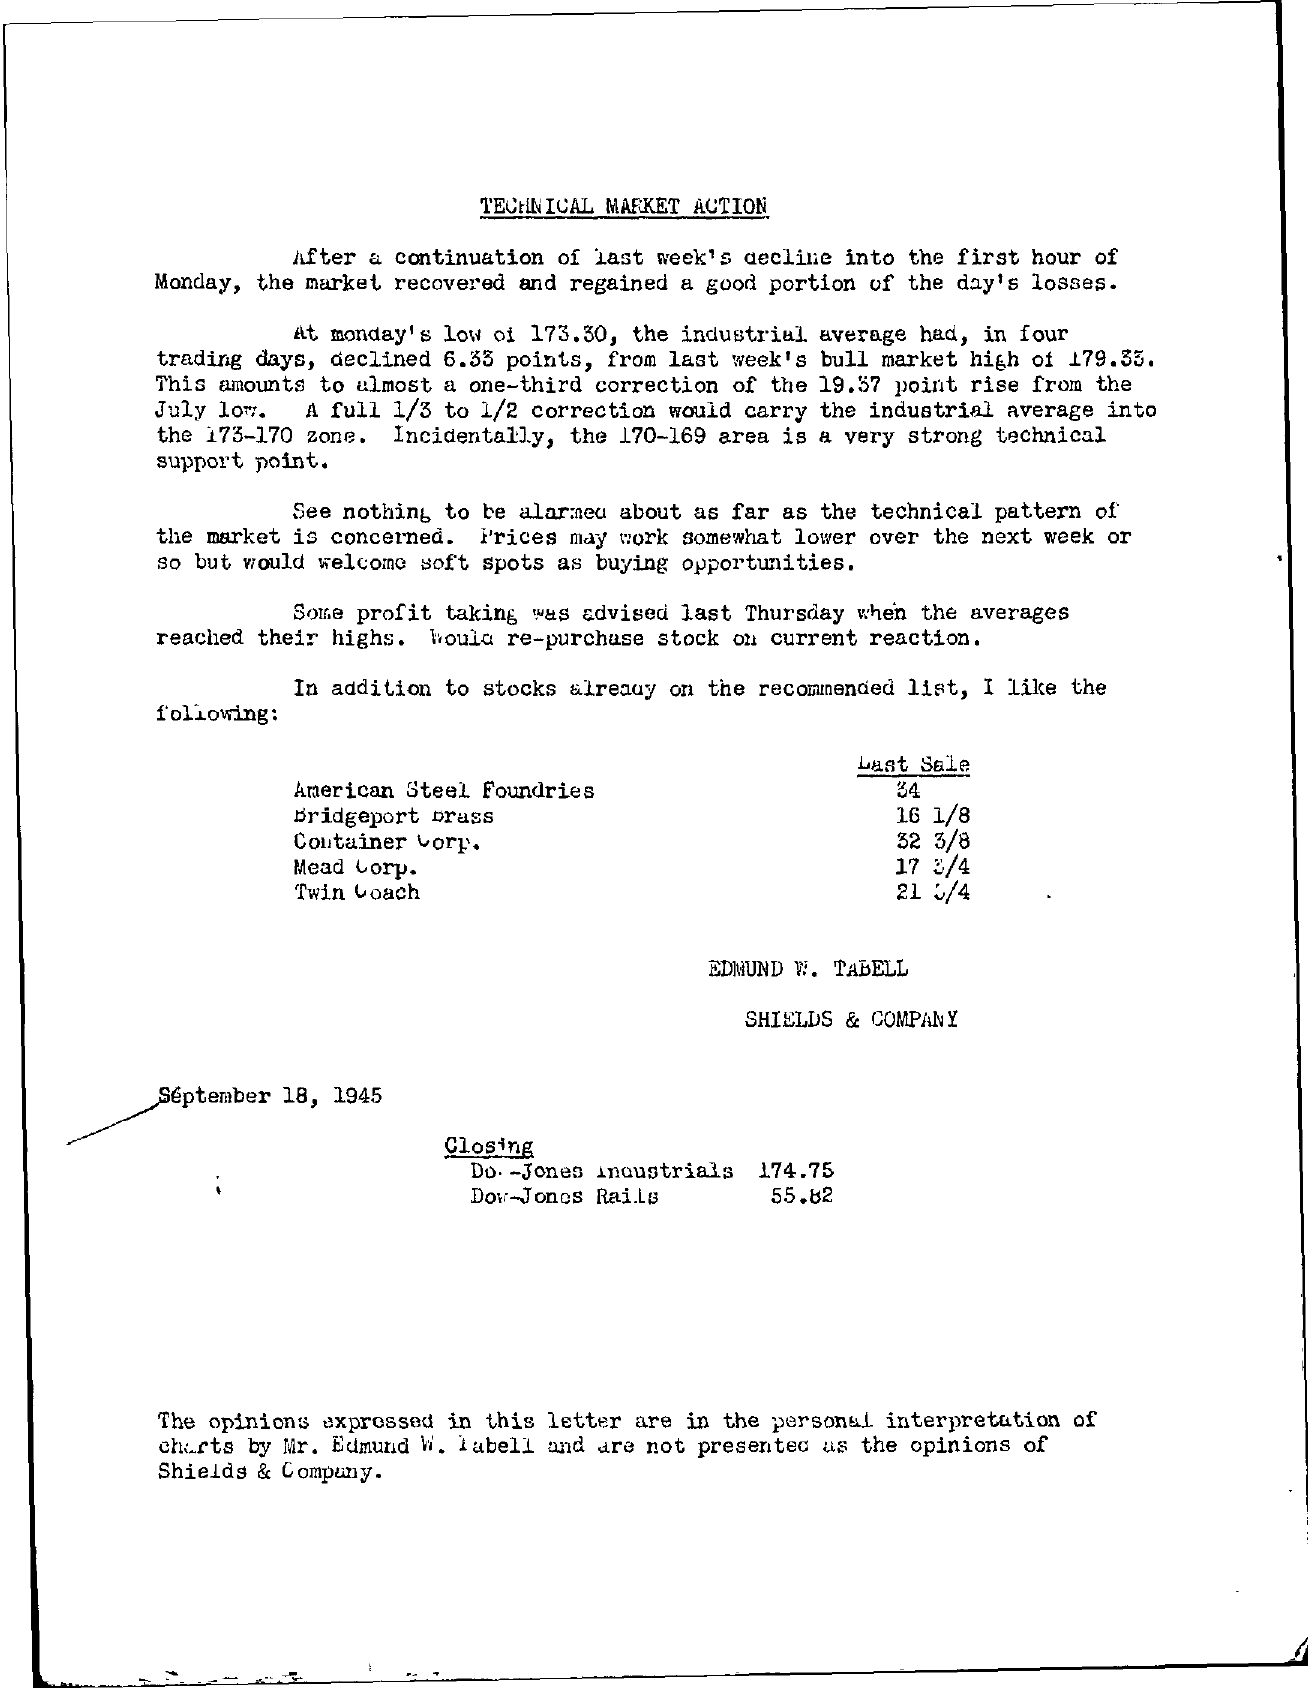 Tabell's Market Letter - September 18, 1945